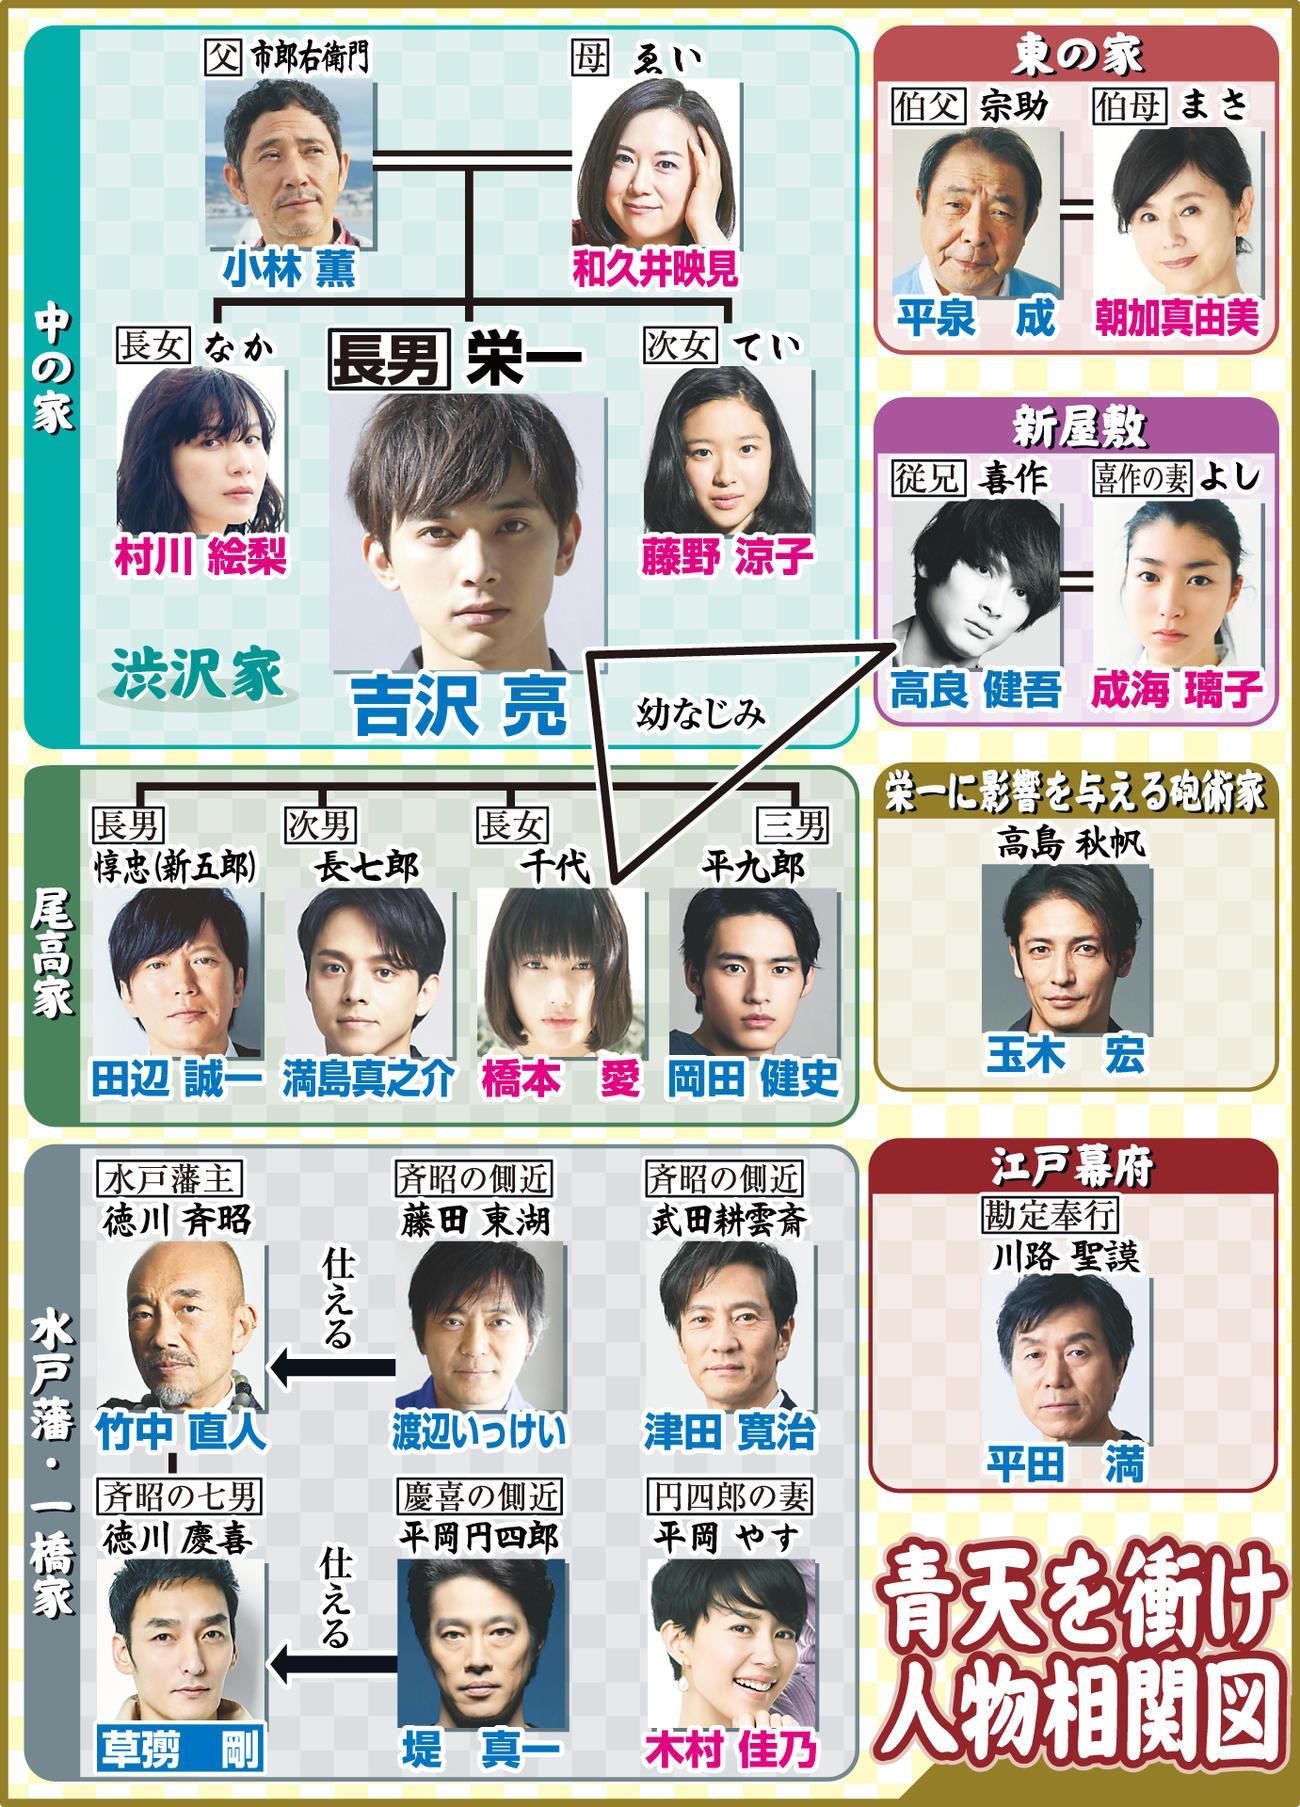 21年NHK大河ドラマ「青天を衝け」の相関図